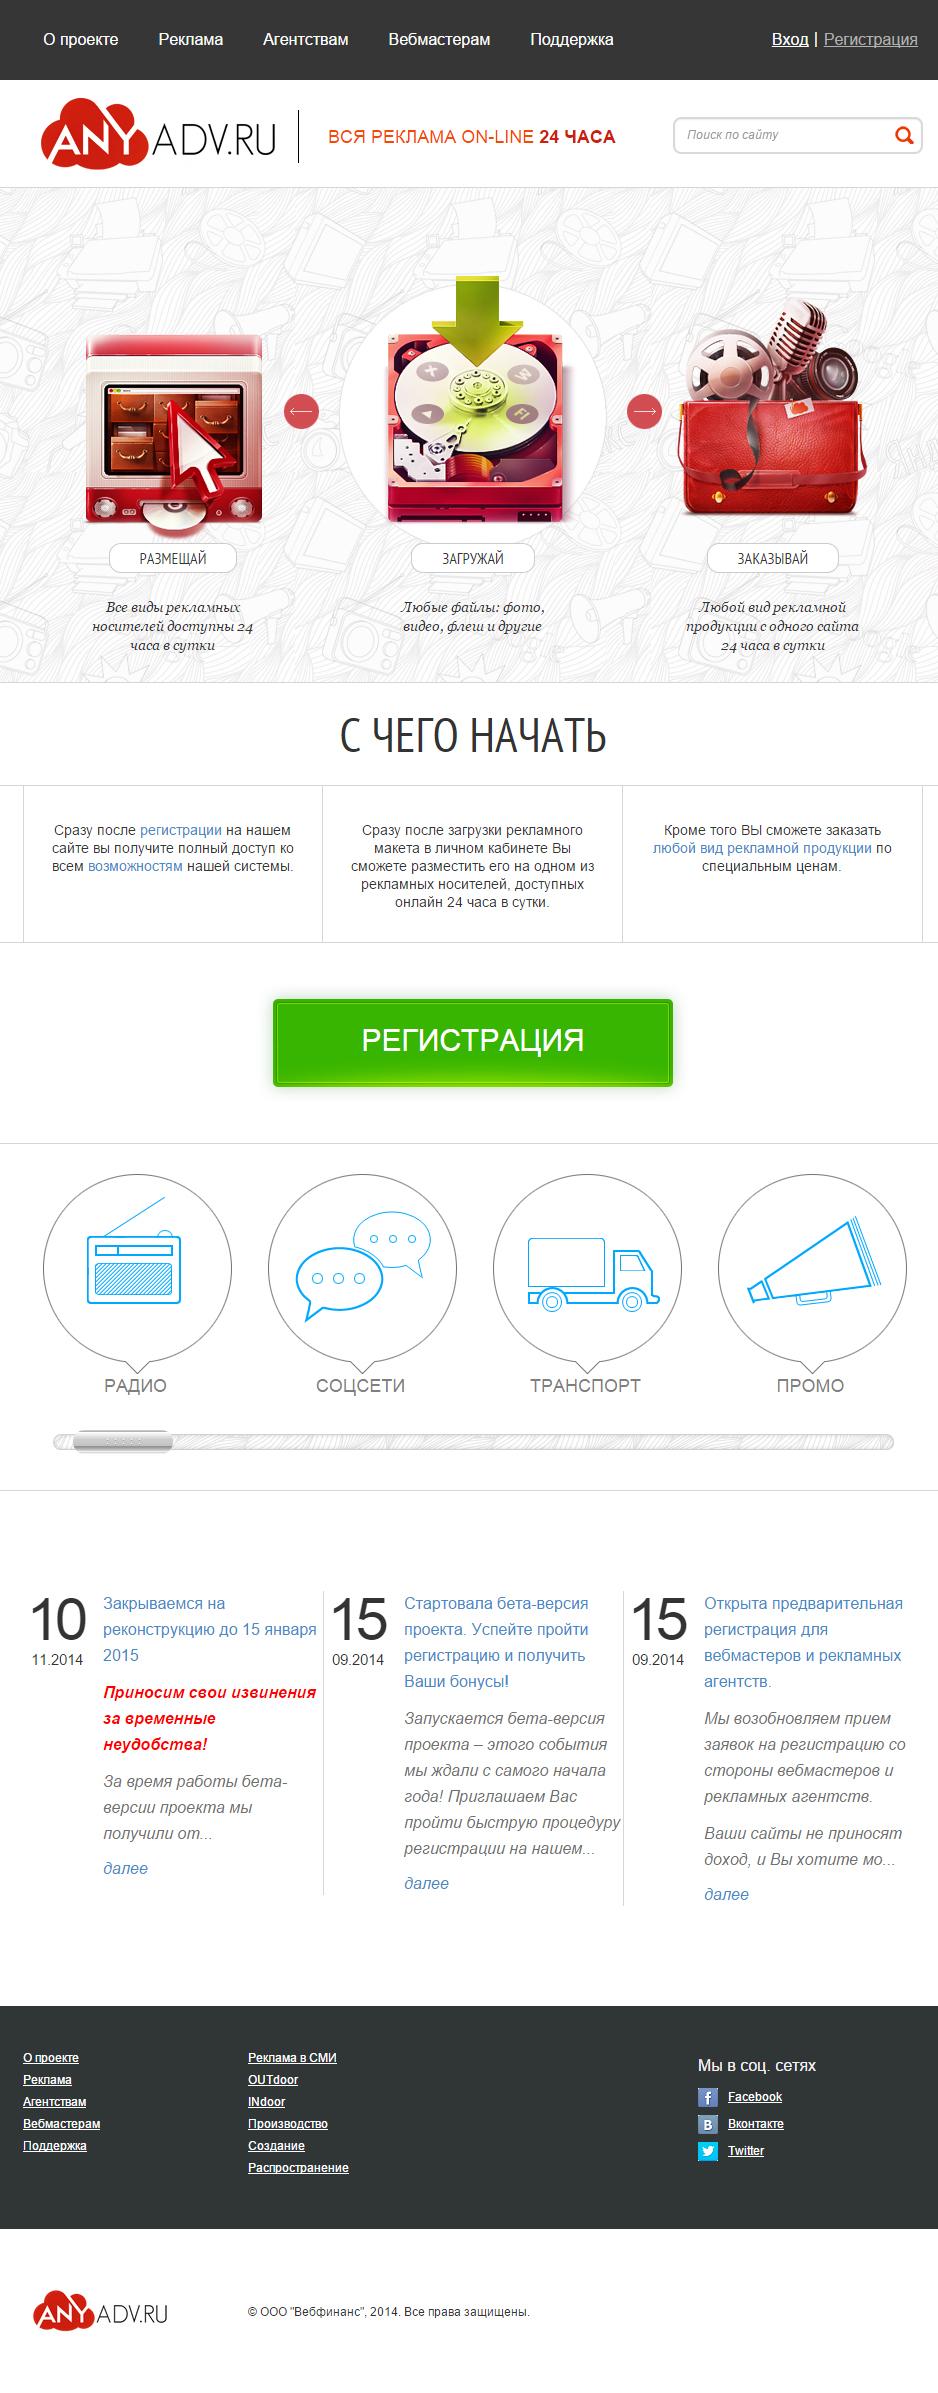 Anyadv - вся реклама on-line 24 часа / Битрикс